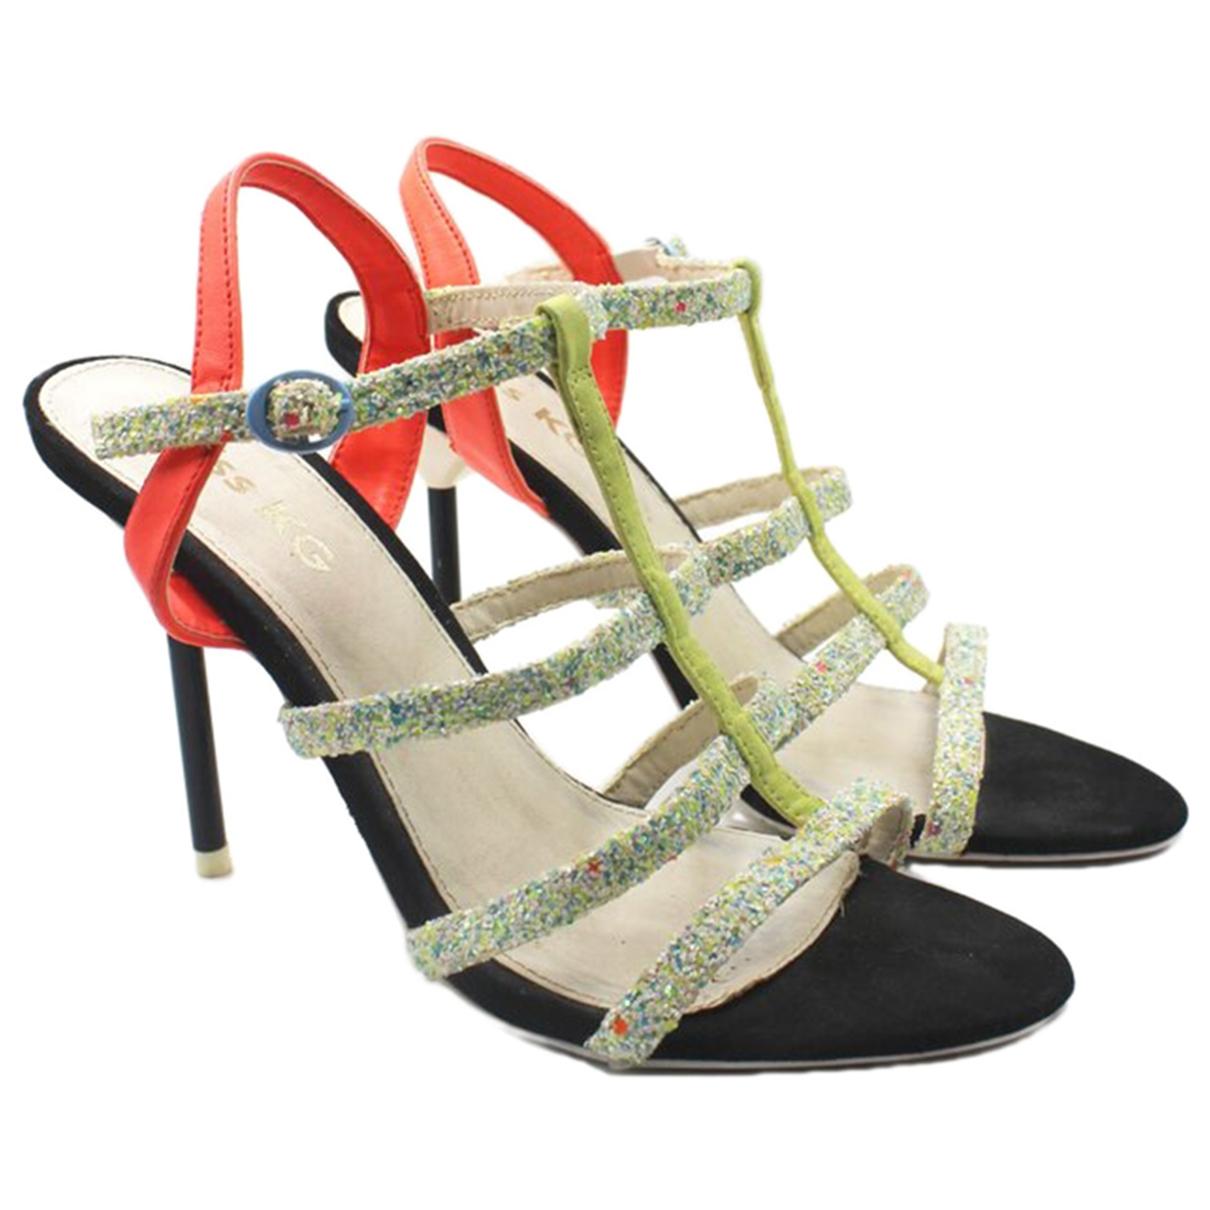 Kurt Geiger \N Leather Heels for Women 39 EU